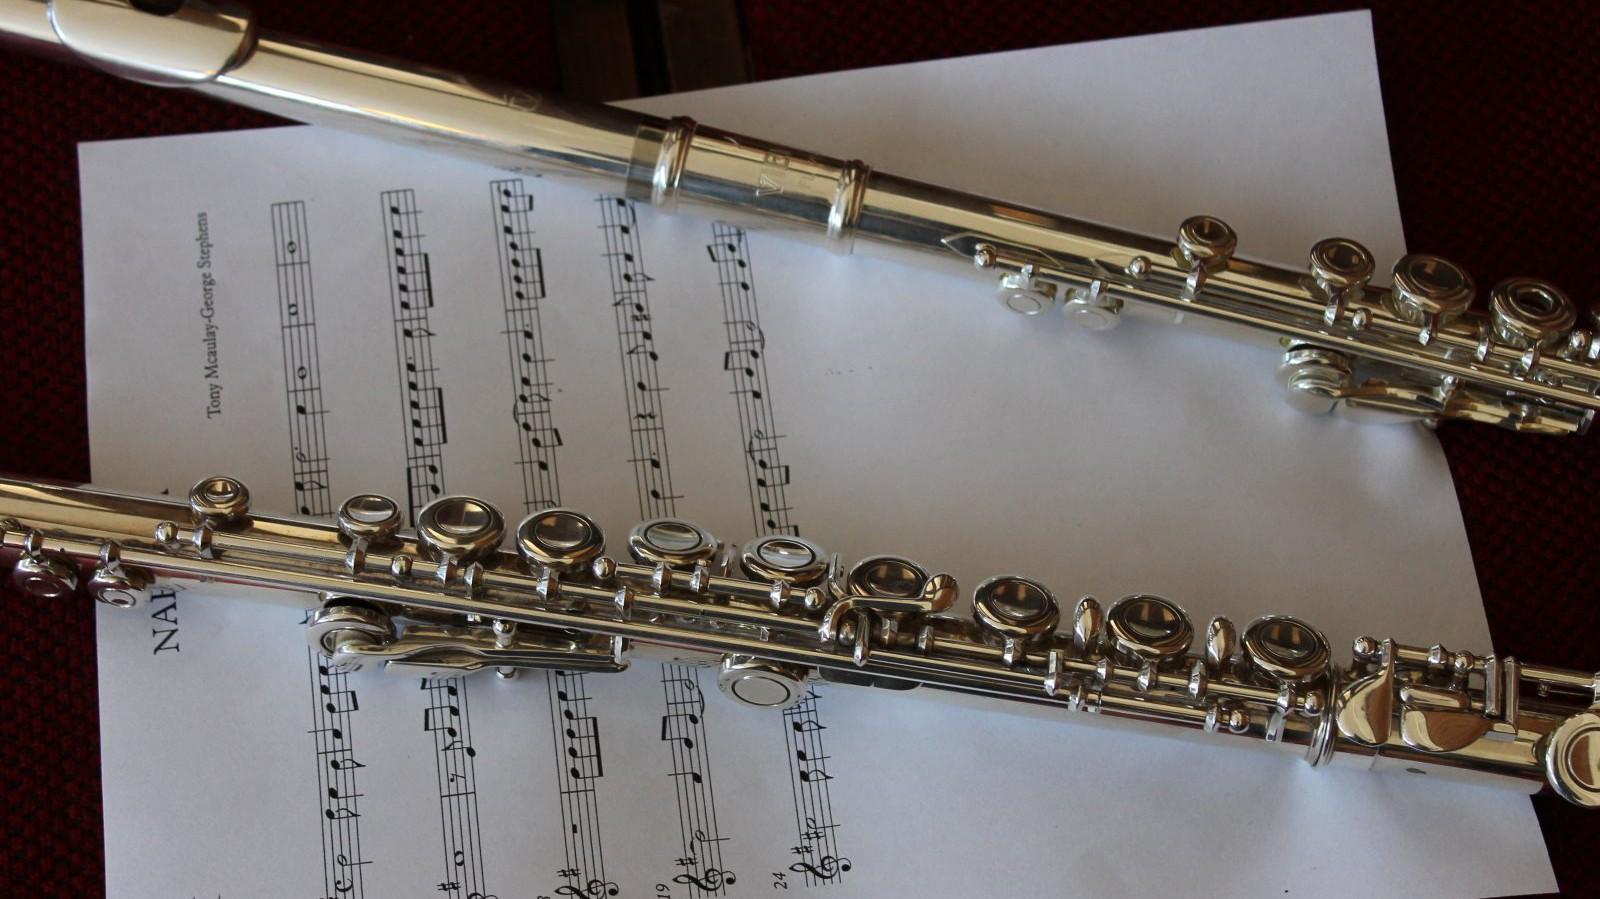 Jõgeva Muusikakool - Siiram kui sõnad on helide keel …